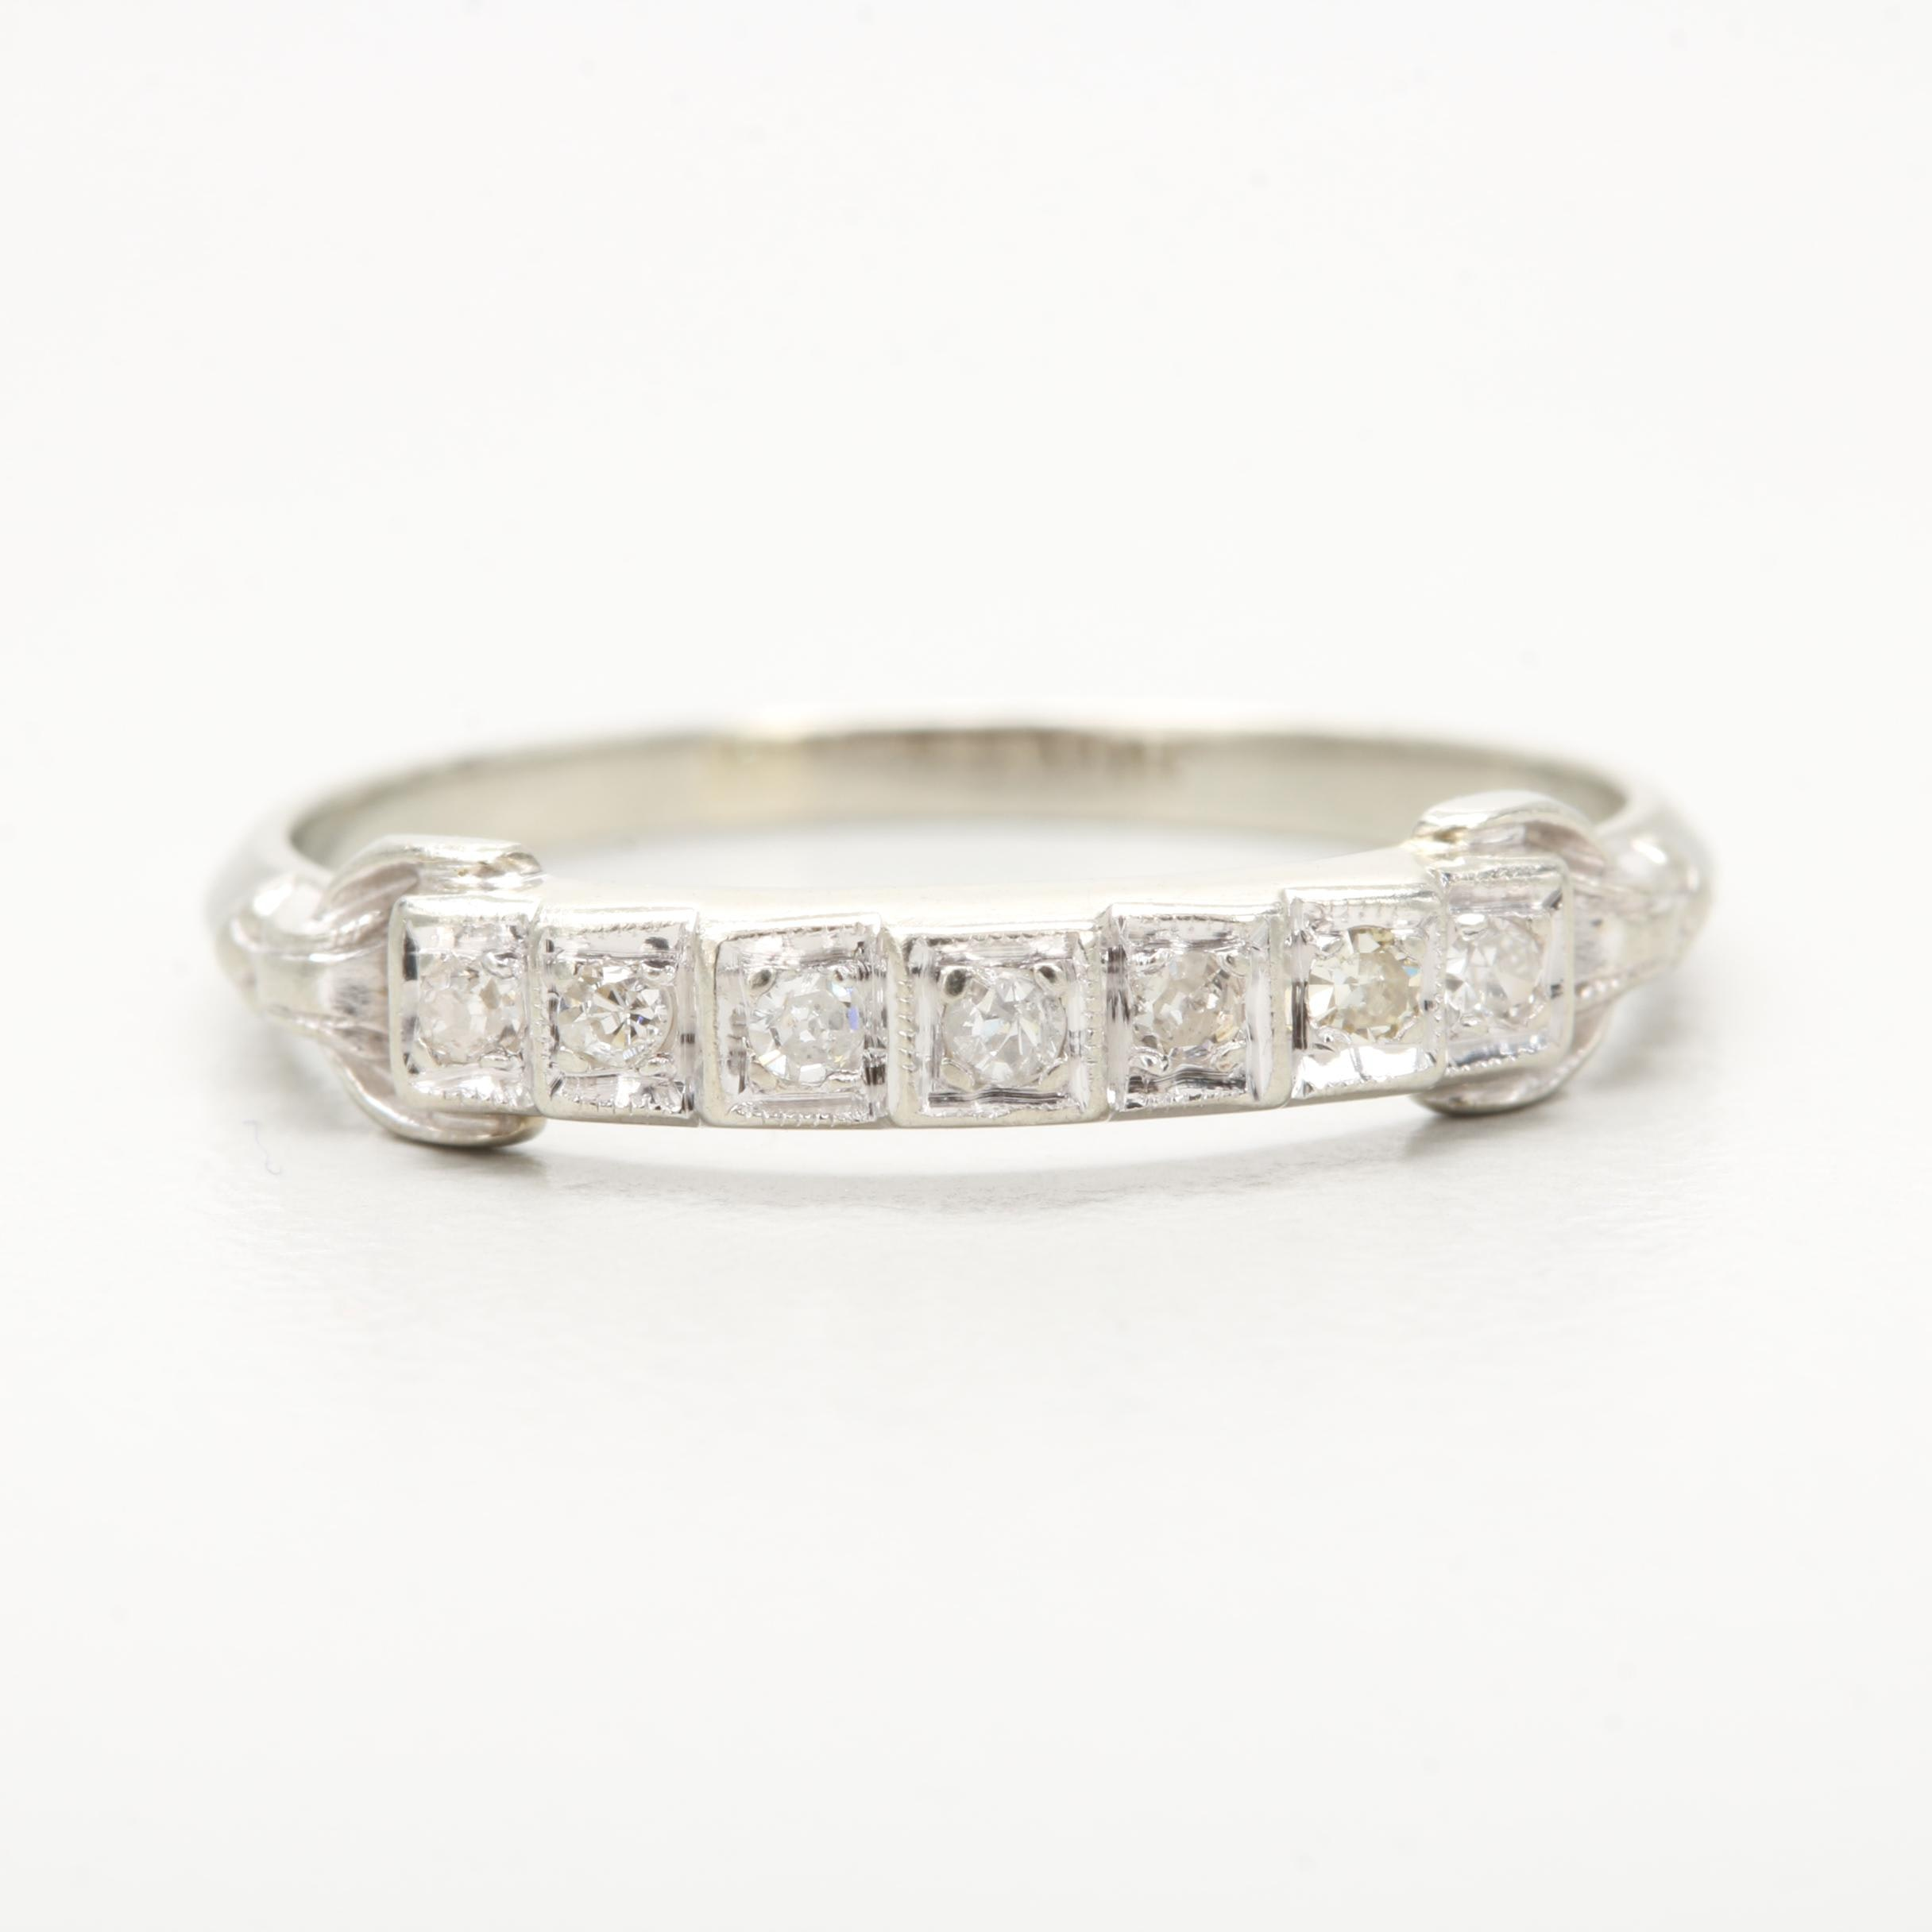 Art Deco 18K White Gold Diamond Ring